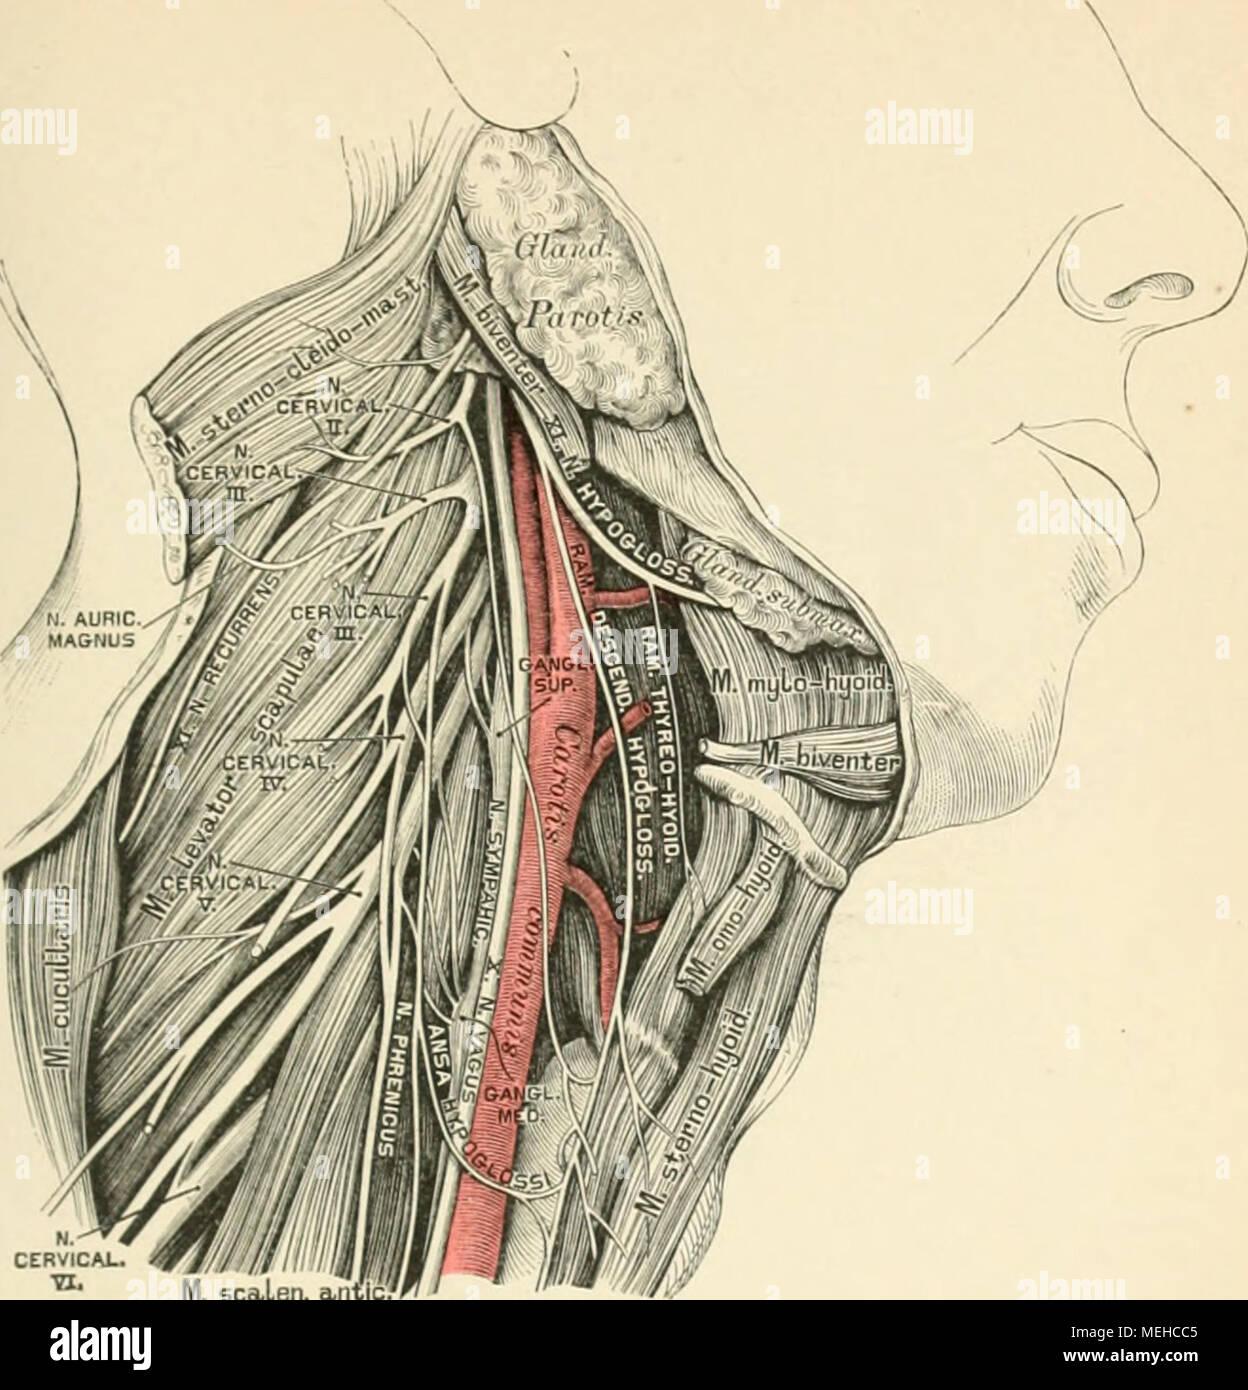 Fantastisch Die Anatomie Des Graus Galerie - Menschliche Anatomie ...